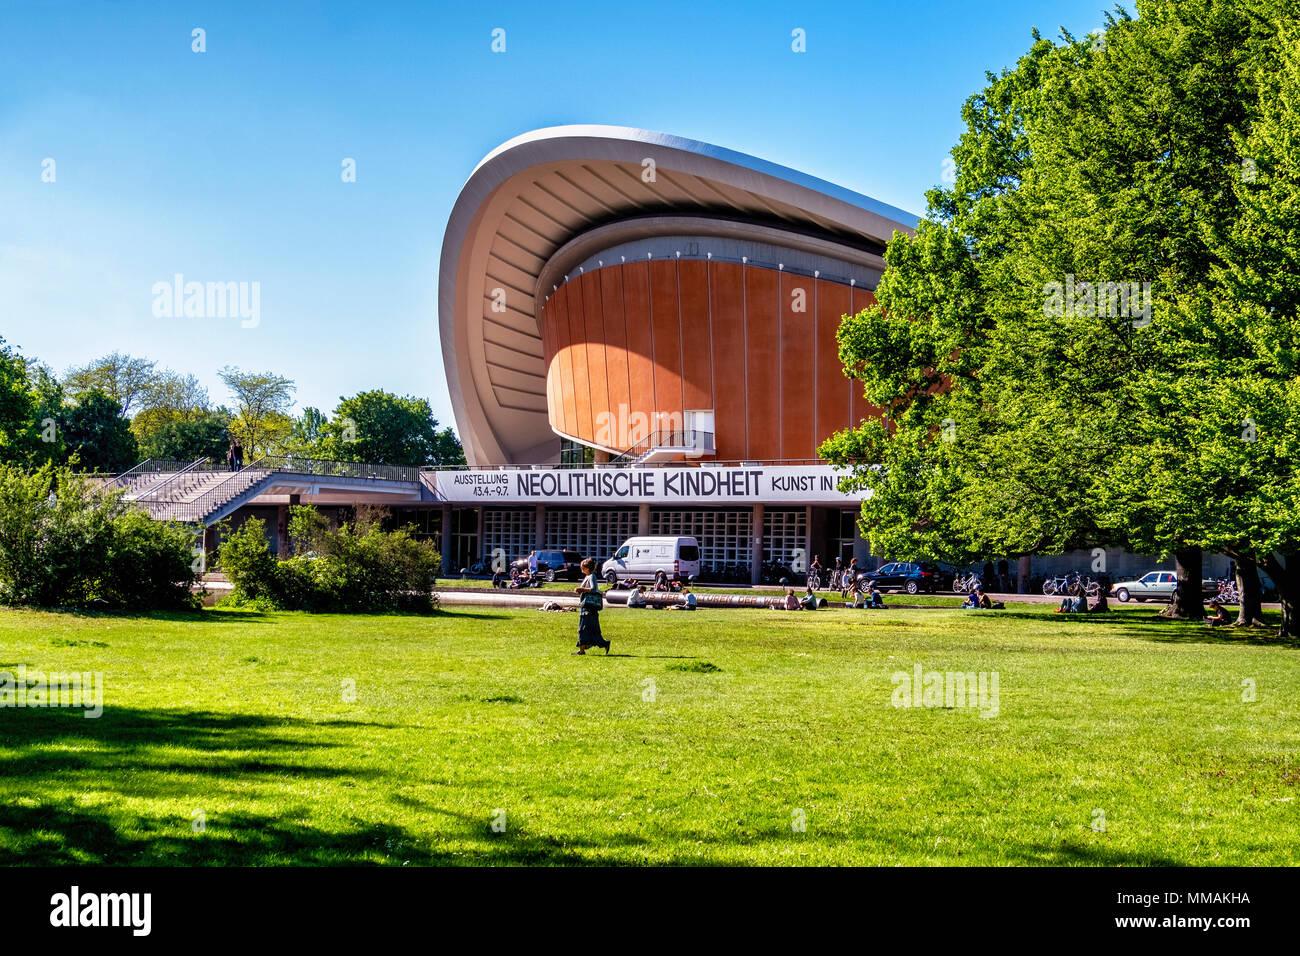 Berlino, Tiergarten. Il HKW {Haus der Kulturen der Welt) accanto al fiume Sprea. Sede di concerti, mostre, conferenze, il teatro e la danza. Immagini Stock